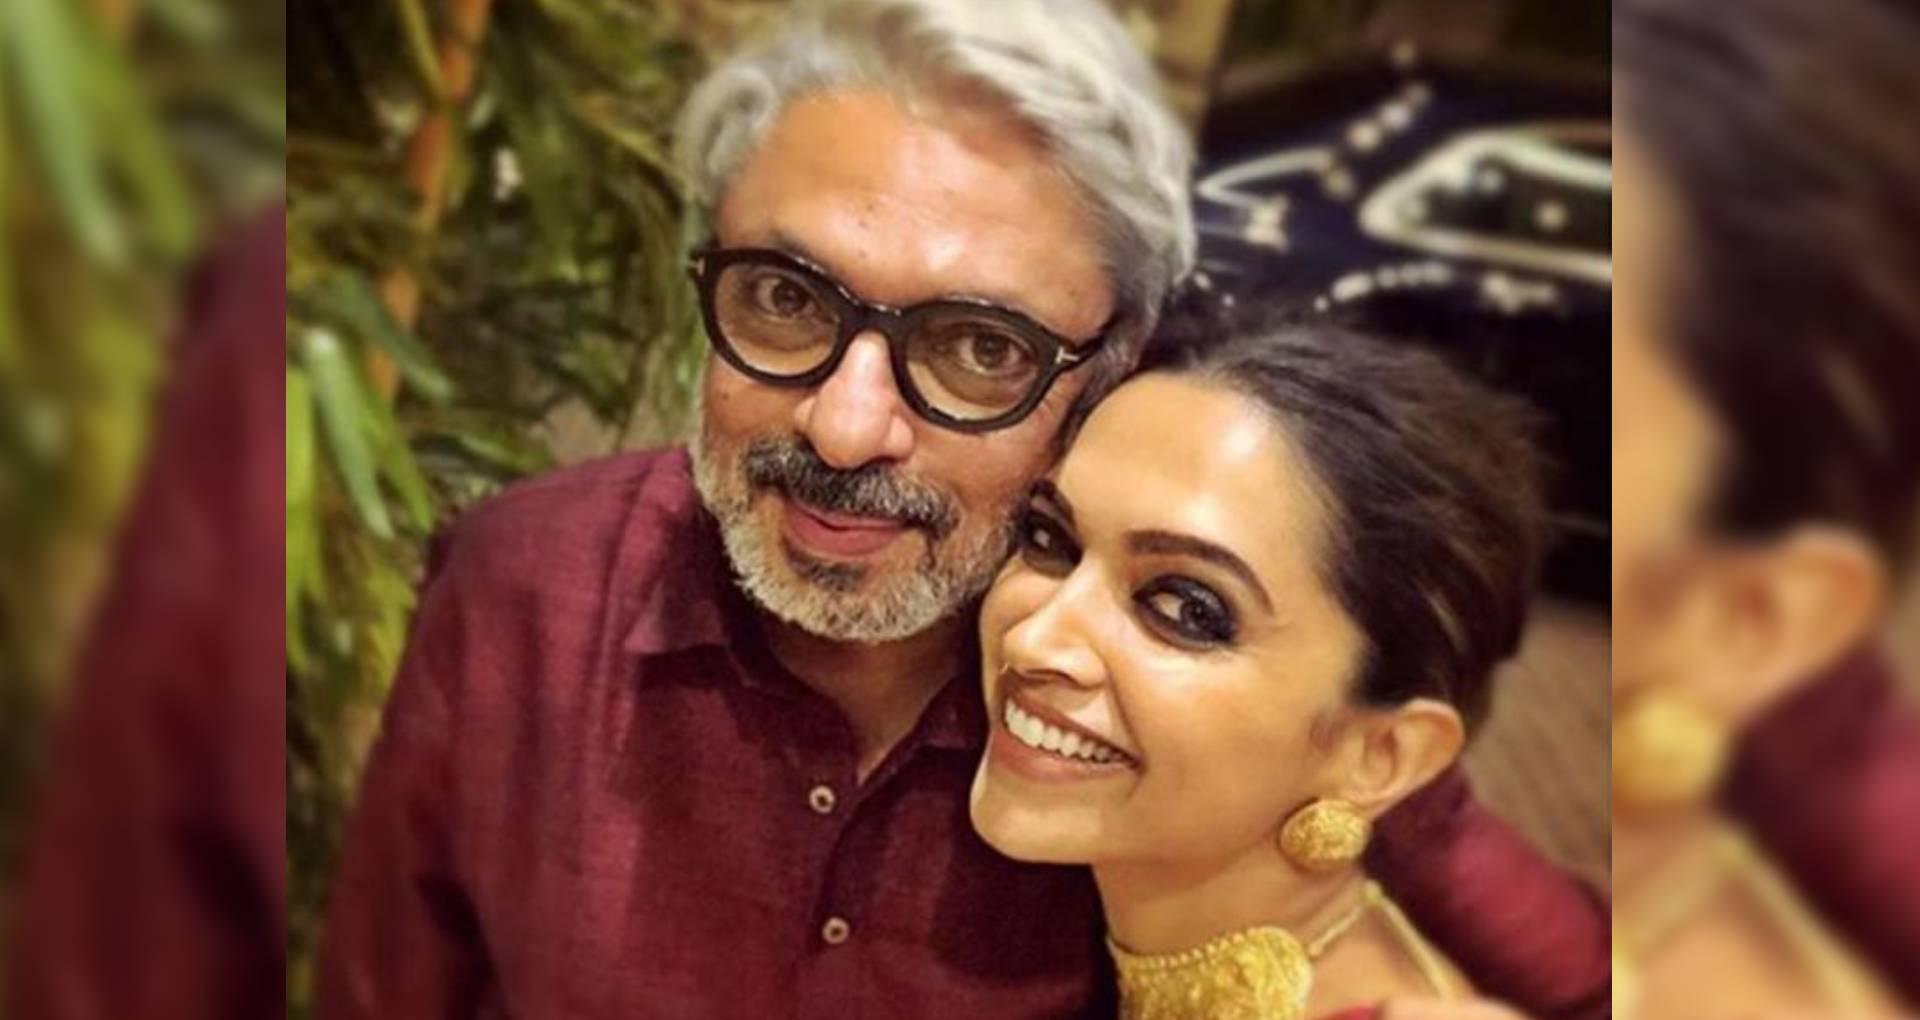 दीपिका पादुकोण की फिल्म महाभारत को टक्कर देगी संजय लीला भंसाली की बैजू बावरा, इस दिन बॉक्स ऑफिस पर होगी रिलीज